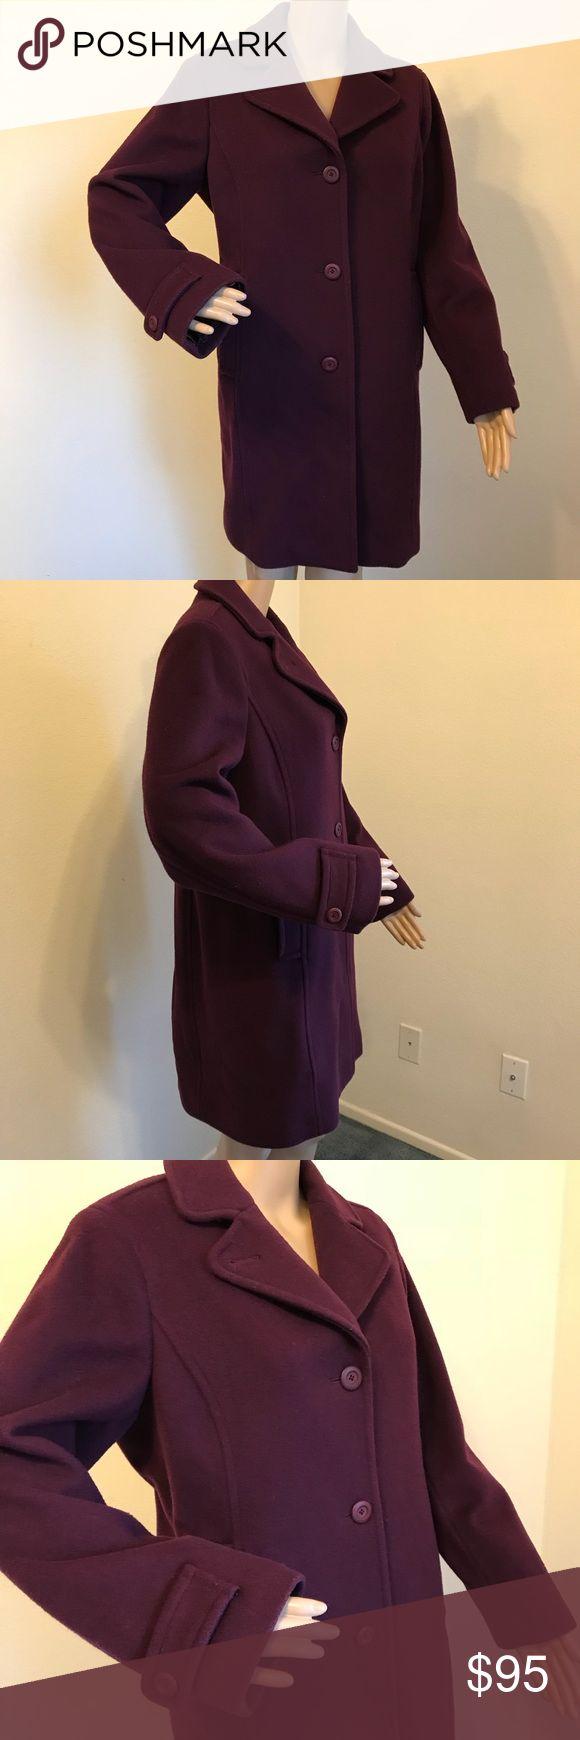 L.L.Bean Lambswool Coat Size 10 Bellandi Italy Beautiful